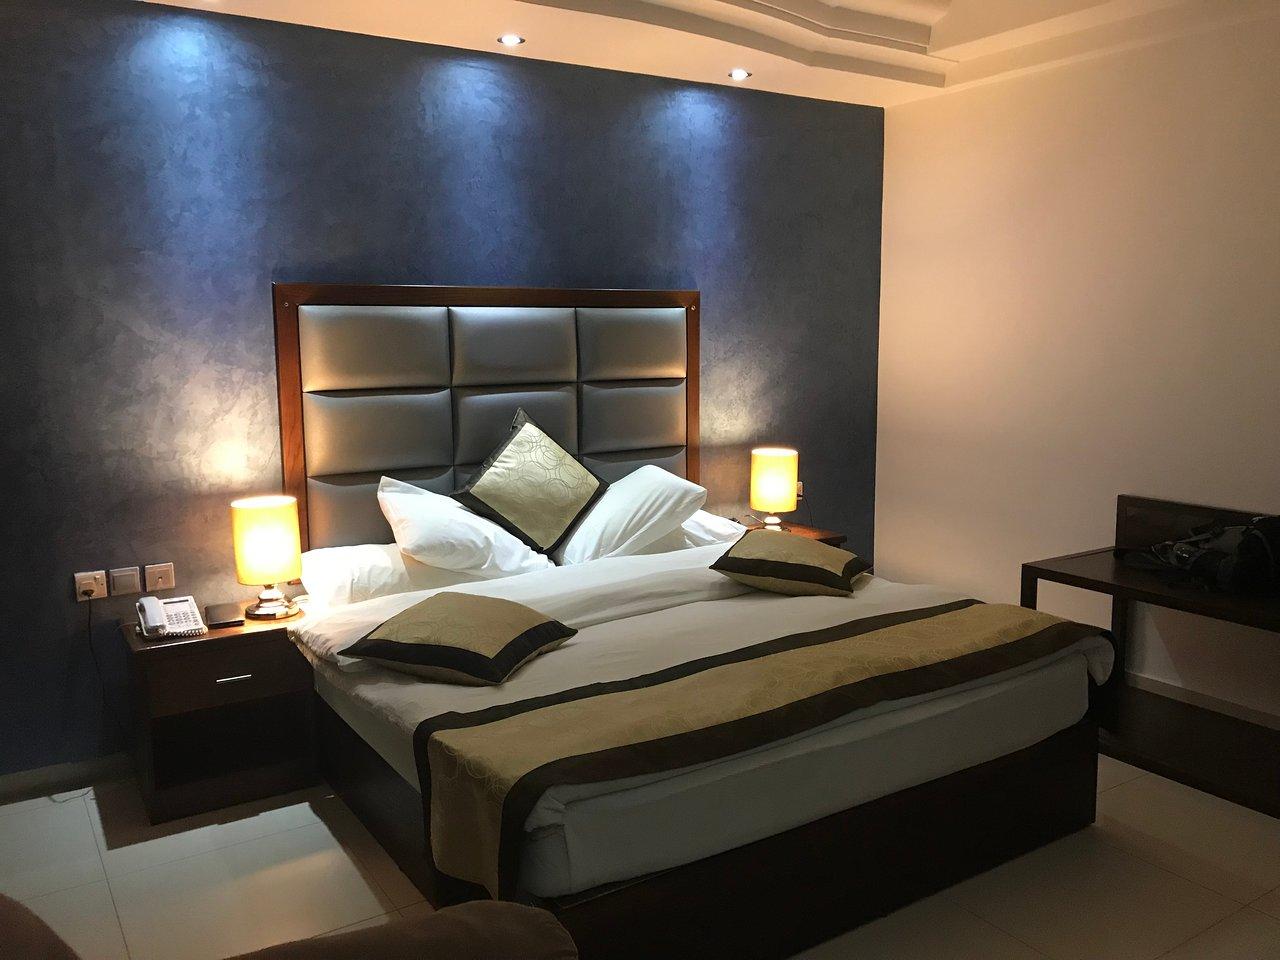 sesión Bien educado paquete  TETRA TREE HOTEL $50 ($̶1̶0̶9̶) - Updated 2020 Prices & Reviews - Jordan/Petra  - Wadi Musa - Tripadvisor